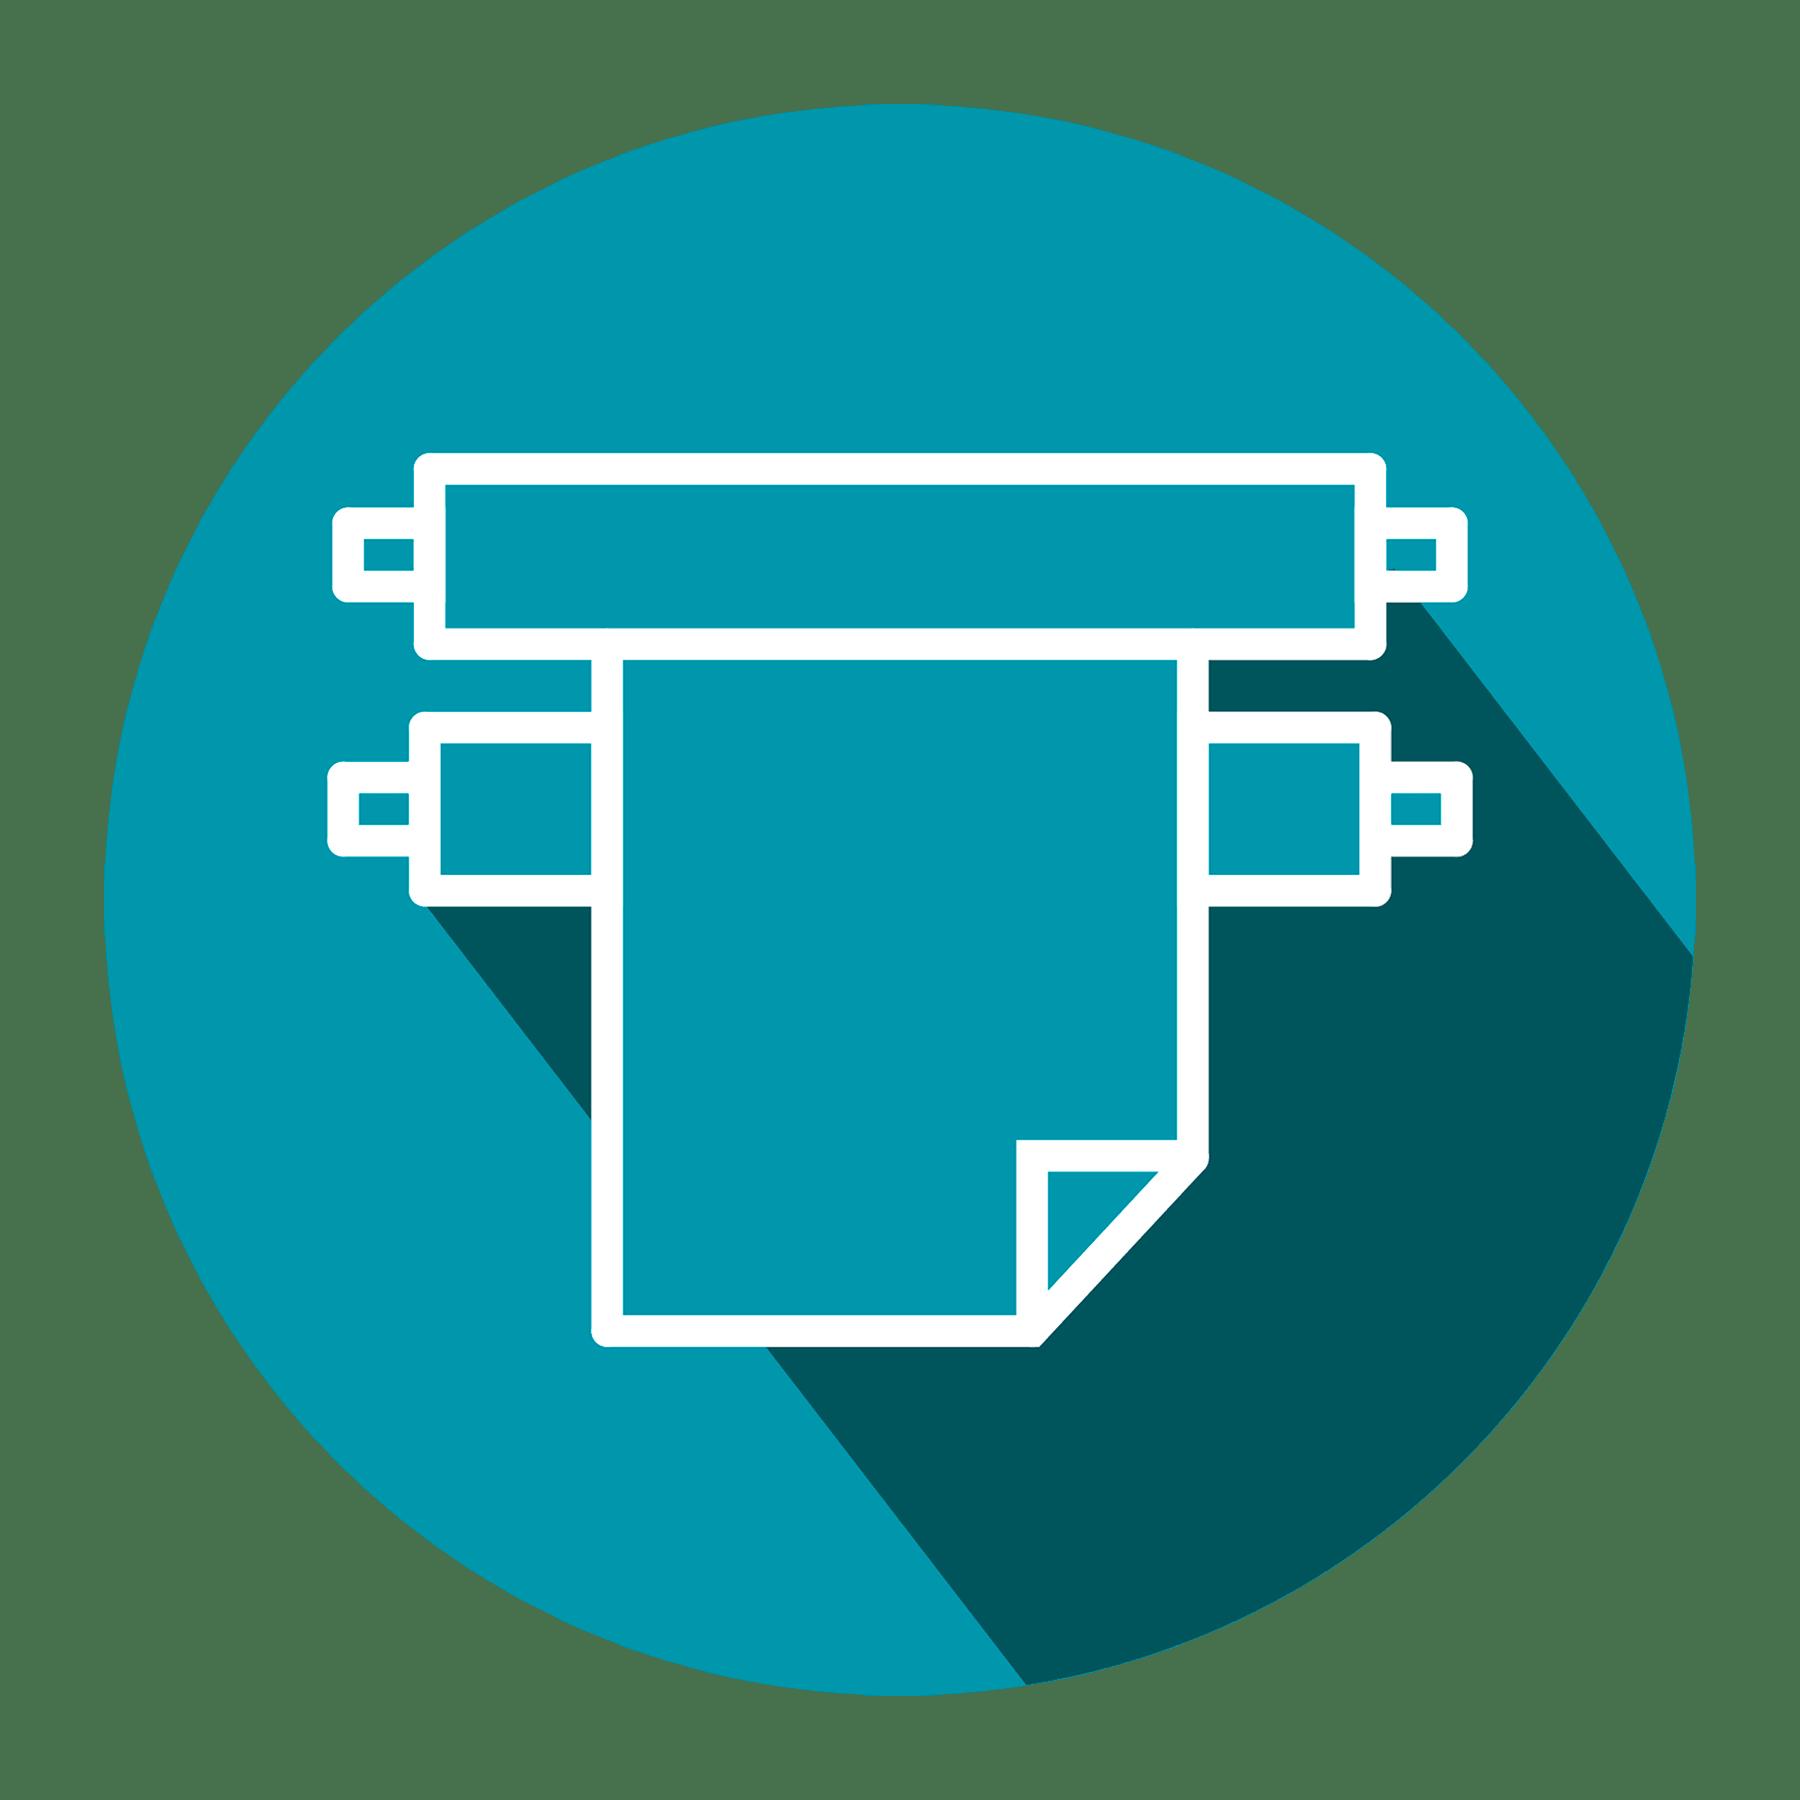 Servicios de impresión en Offset - Dprint - Tu centro de impresión revolucionario